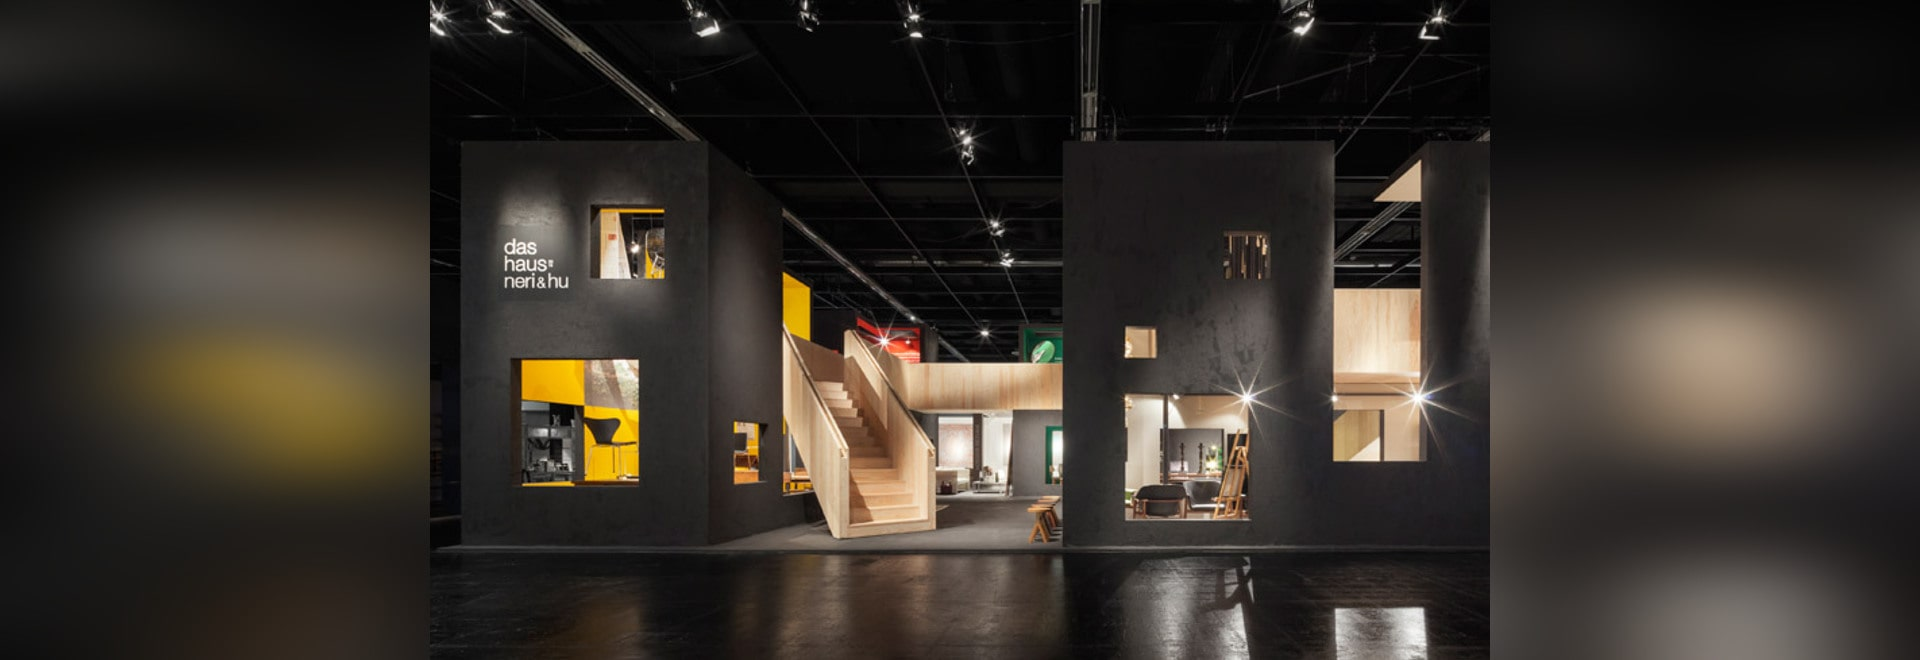 """Neri&Hus Installation DAS-Haus ist entworfen """"unsettle Leute ..."""